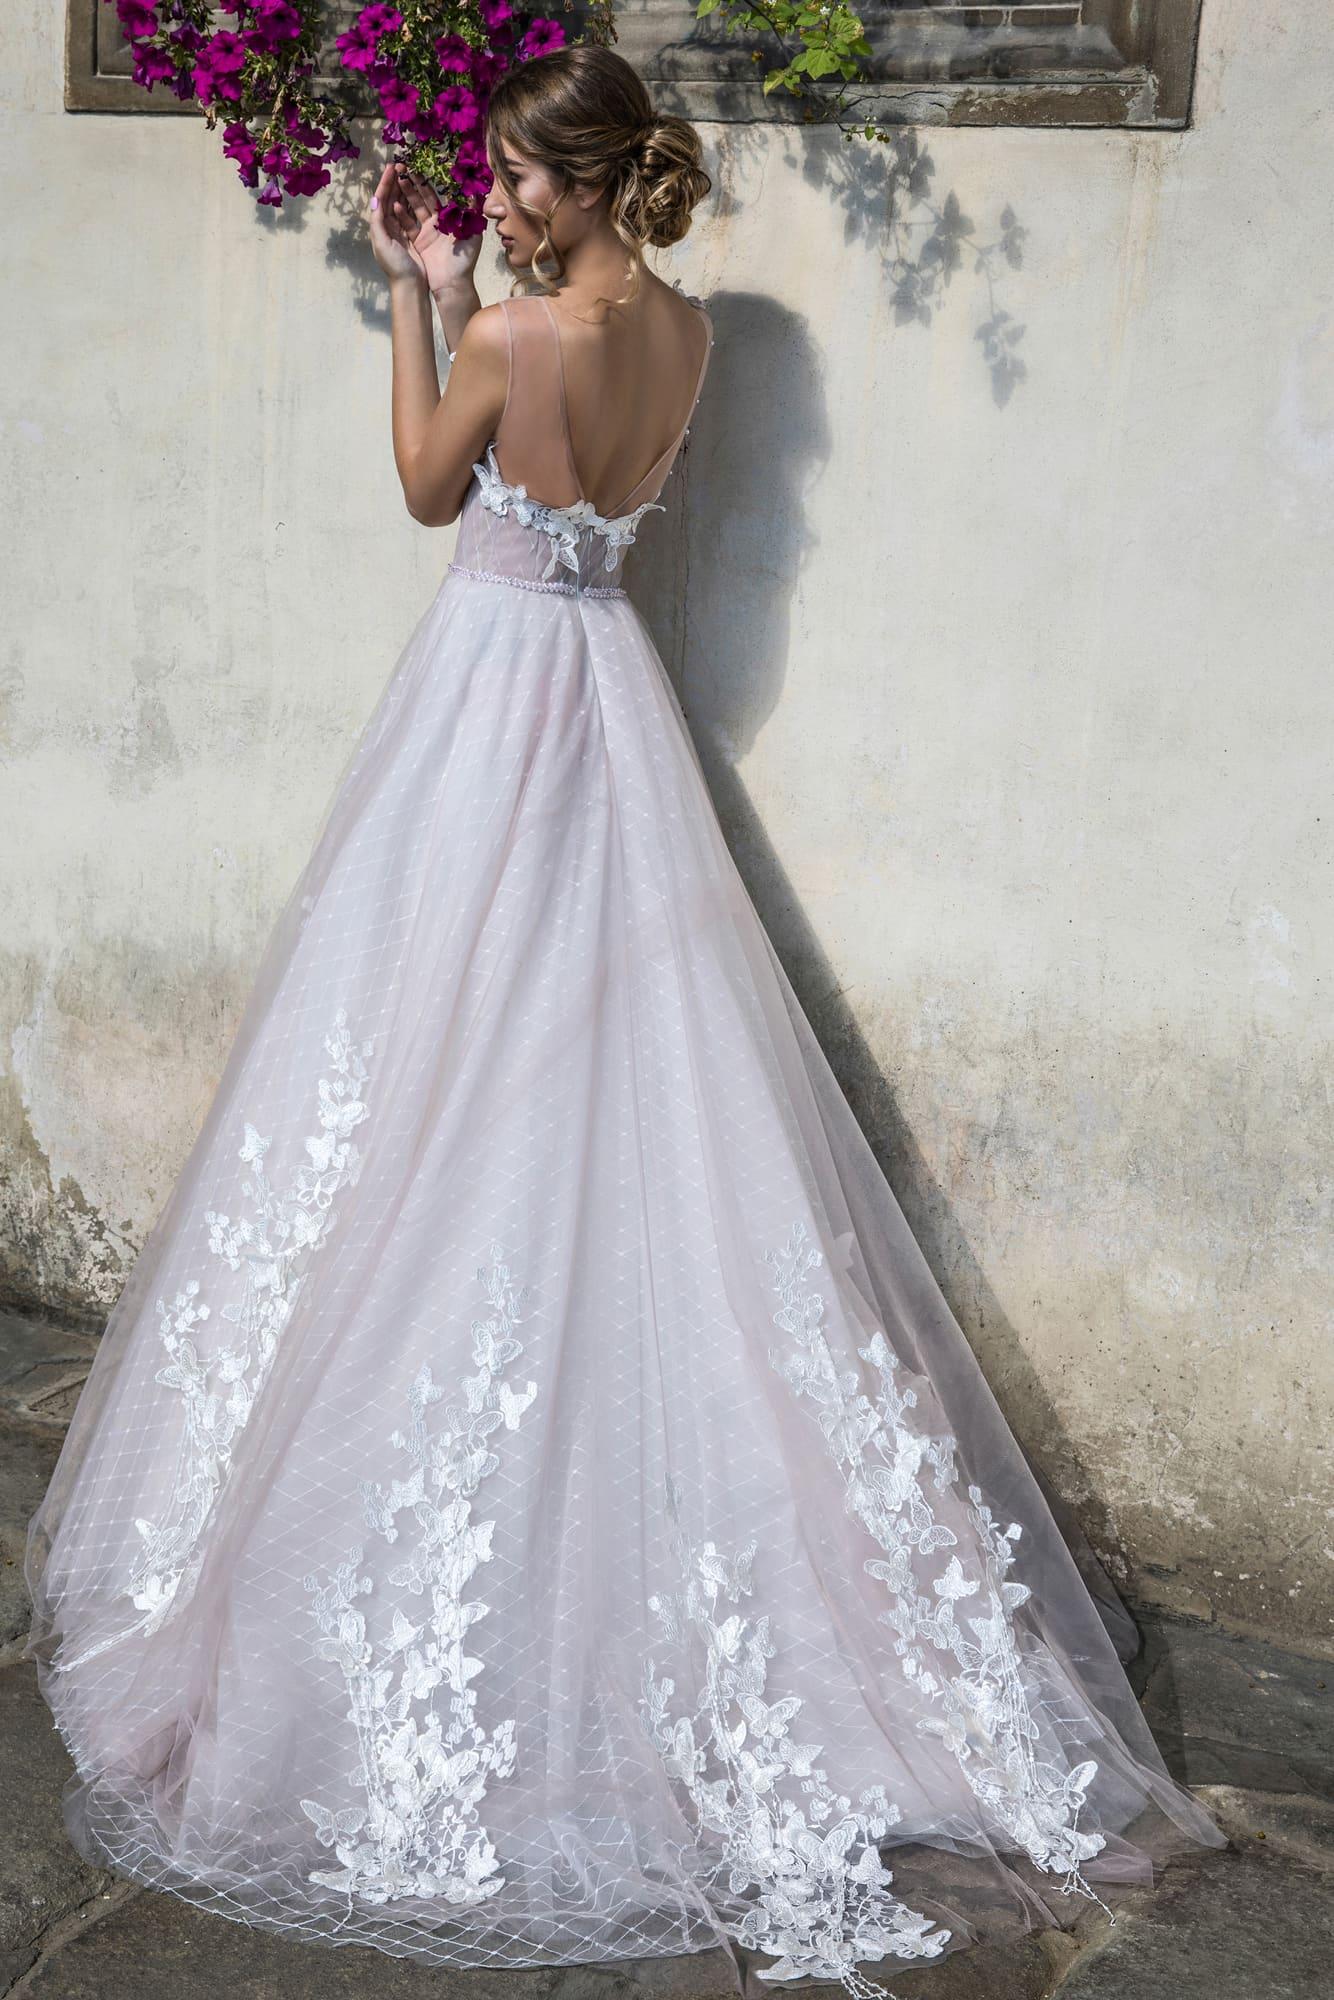 Пышное свадебное платье с открытым лифом с оригинальной объемной отделкой.